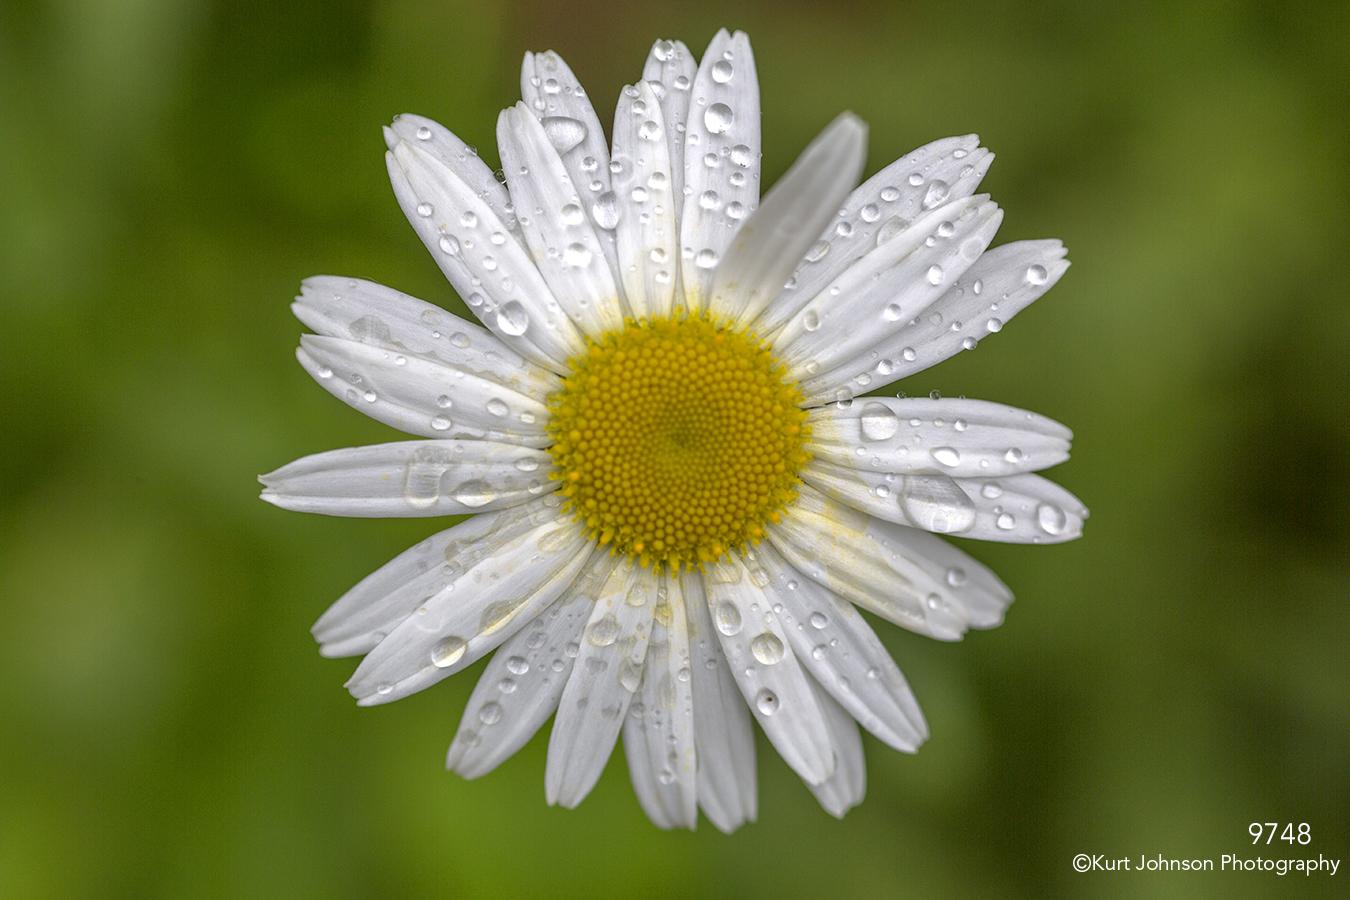 flower white rain drops chamomile close up texture details petals